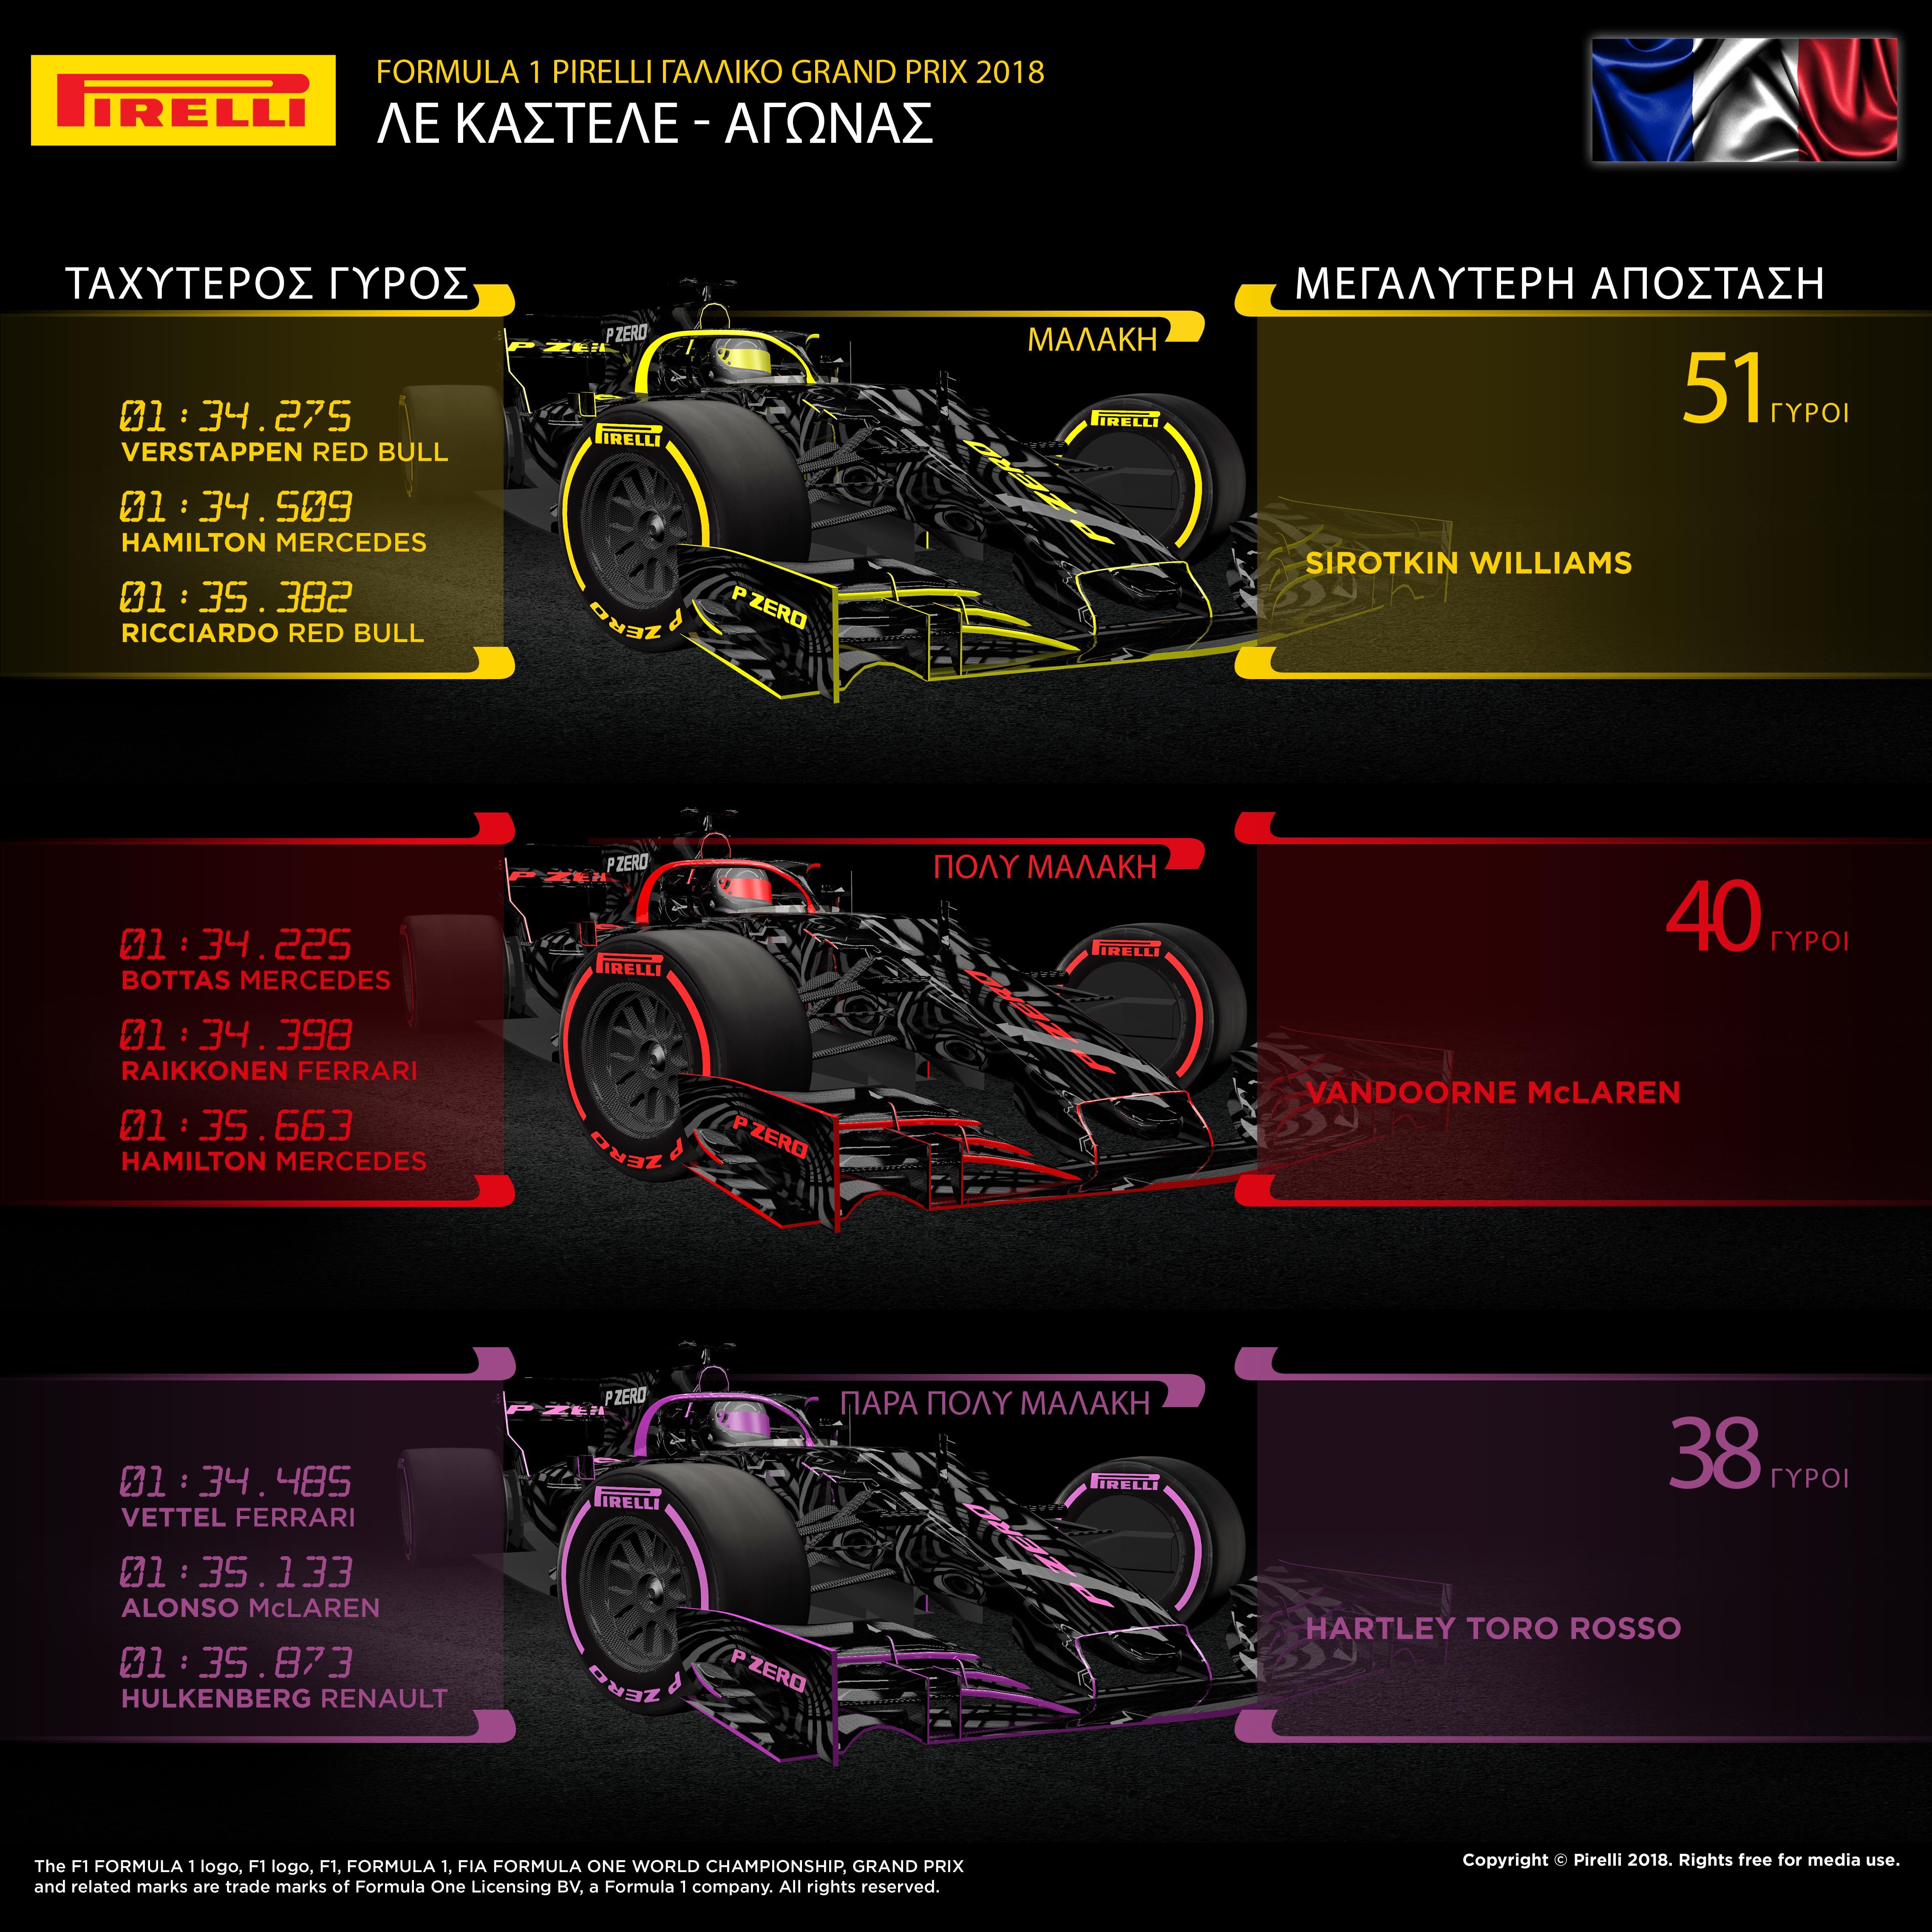 """Ο Lewis Hamilton κέρδισε τον αγώνα για λογαριασμό της Mercedes. Η εξέλιξη επηρεάστηκε από τη σύγκρουση δυο εκ των αντιπάλων του στον πρώτο γύρο. Αυτό προκάλεσε την εμφάνιση του αυτοκινήτου ασφαλείας που οδήγησε την κούρσα για 5 γύρους. Ένας αριθμός οδηγών πραγματοποίησε αλλαγή ελαστικών υπό το αυτοκίνητο ασφαλείας καθώς αντιμετώπιζαν και ζημιές στα μονοθέσιά τους. Ανάμεσά τους ο οδηγός της Ferrari, Sebastian Vettel και ο οδηγός της Mercedes Valtteri Bottas. Αμφότεροι τοποθέτησαν τη μαλακή γόμα στο 2ο γύρο ενώ πραγματοποίησαν και δεύτερη αλλαγή ελαστικών λίγο πριν τη λήξη του αγώνα. Κατάφεραν και οι δυο εκμεταλλευόμενοι τη στρατηγική, να βαθμολογηθούν, παρότι είχαν βρεθεί στις πίσω θέσεις. Πλησίασαν τους πρωτοπόρους όταν όσοι βρίσκονταν ανάμεσά τους, πραγματοποίησαν τη δική τους αλλαγή. Η στρατηγική για Mercedes, Red Bull ήταν να εκκινήσουν με την πολύ μαλακή γόμα. Ο Hamilton μαζί με τον διεκδικητή της 1ης θέσης, Max Verstappen έβαλαν τη μαλακή γόμα για το δεύτερο και τελευταίο μέρος του αγώνα. Ο οδηγός της Ferrari, Kimi Raikkonen υιοθέτησε μια διαφορετική στρατηγική ενός πιτ στοπ, αυτό τον έφερε στο βάθρο. Ο Hamilton πήρε ένα ειδικό τρόπαιο 'gorilla' για αυτή του τη νίκη, σχεδιασμένο από τον φημισμένο Γάλλο γλύπτη Richard Orlinski. Αυτό δημιουργήθηκε για να γιορτάσουμε τη χορηγία της Pirelli στο Γαλλικό Grand Prix. MARIO ISOLA - ΕΠΙΚΕΦΑΛΗΣ ΑΓΩΝΩΝ ΑΥΤΟΚΙΝΗΤΟΥ """"Η αβέβαια πρόβλεψη καιρού πρόσθεσε μια ακόμη παράμετρο στο παιχνίδι στρατηγικής του αγώνα. Η πιθανότητα βροχής έθεσε σε επιφυλακή τις ομάδες που δεν ήθελαν να βρεθούν τη κρίσιμη στιγμή με το λάθος τύπο ελαστικού. Τελικά βροχή δεν έπεσε αλλά η πιθανότητά της που είχε υπολογίσιμη δυναμική, επηρέασε. Όπως αναμένονταν οι περισσότεροι οδηγοί έκαναν μια αλλαγή, υπήρχε όμως μεγάλη ποικιλία διαφορετικών στρατηγικών ανάμεσά τους. Είδαμε μερικούς να διανύουν μεγάλες αποστάσεις με τη μαλακή γόμα. Επίσης είδαμε τους Sebastian Vettel, Valtteri Bottas να τερματίζουν σε καλές θέσεις παρότι ακολούθησαν διαφορετικές στρατηγικές"""